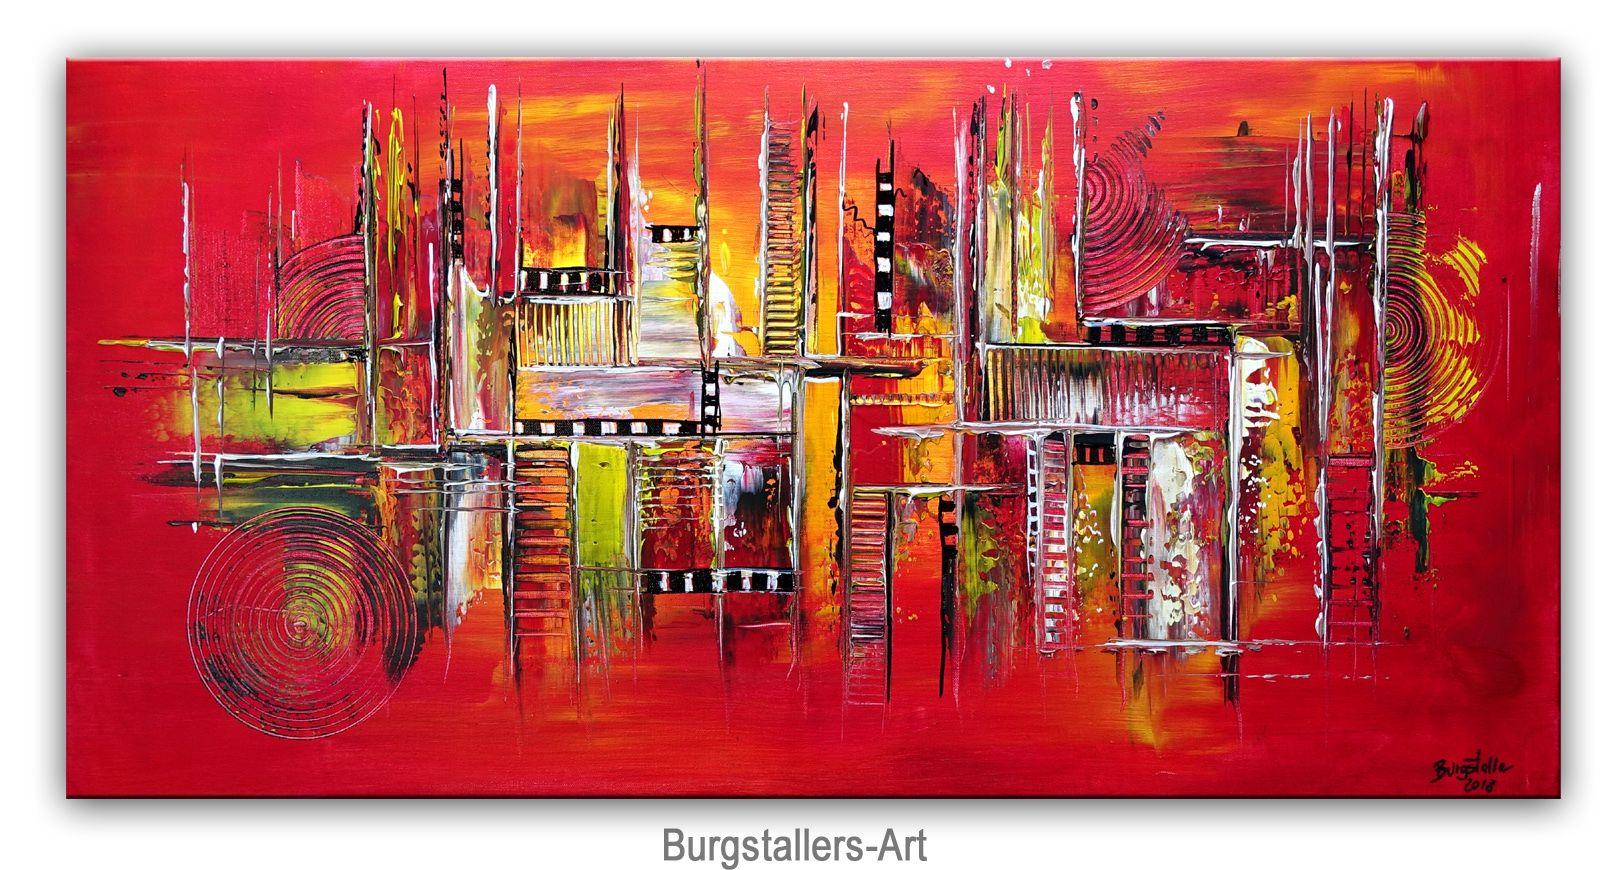 levels 50x100 rot gelb abstrakte malerei kunst wandbild querformat abstrakt gelbe moderne amerikanische maler gemälde